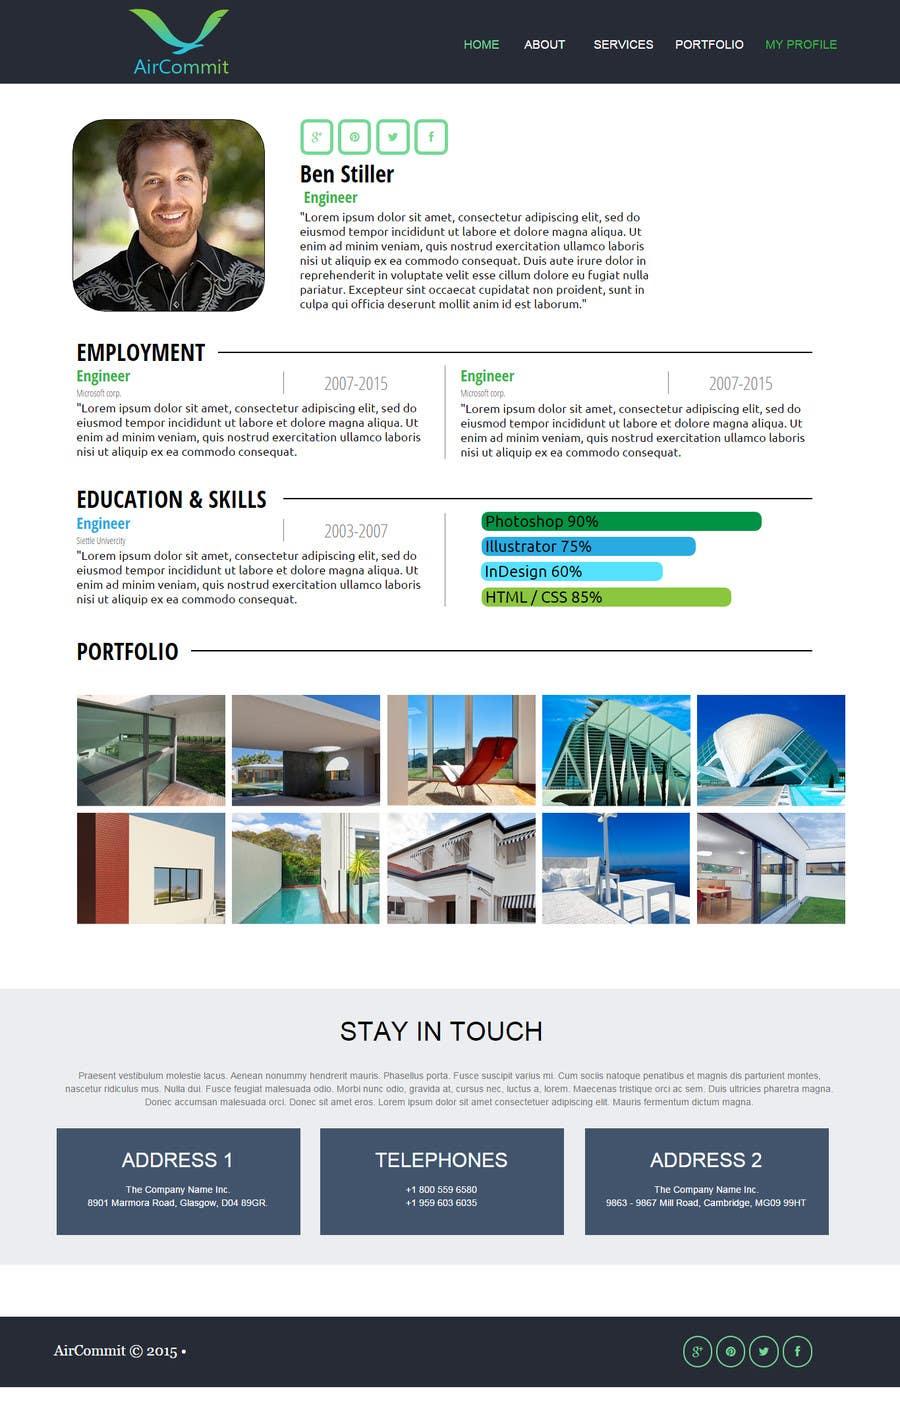 Konkurrenceindlæg #                                        10                                      for                                         Design a Website Mockup for AirCommit